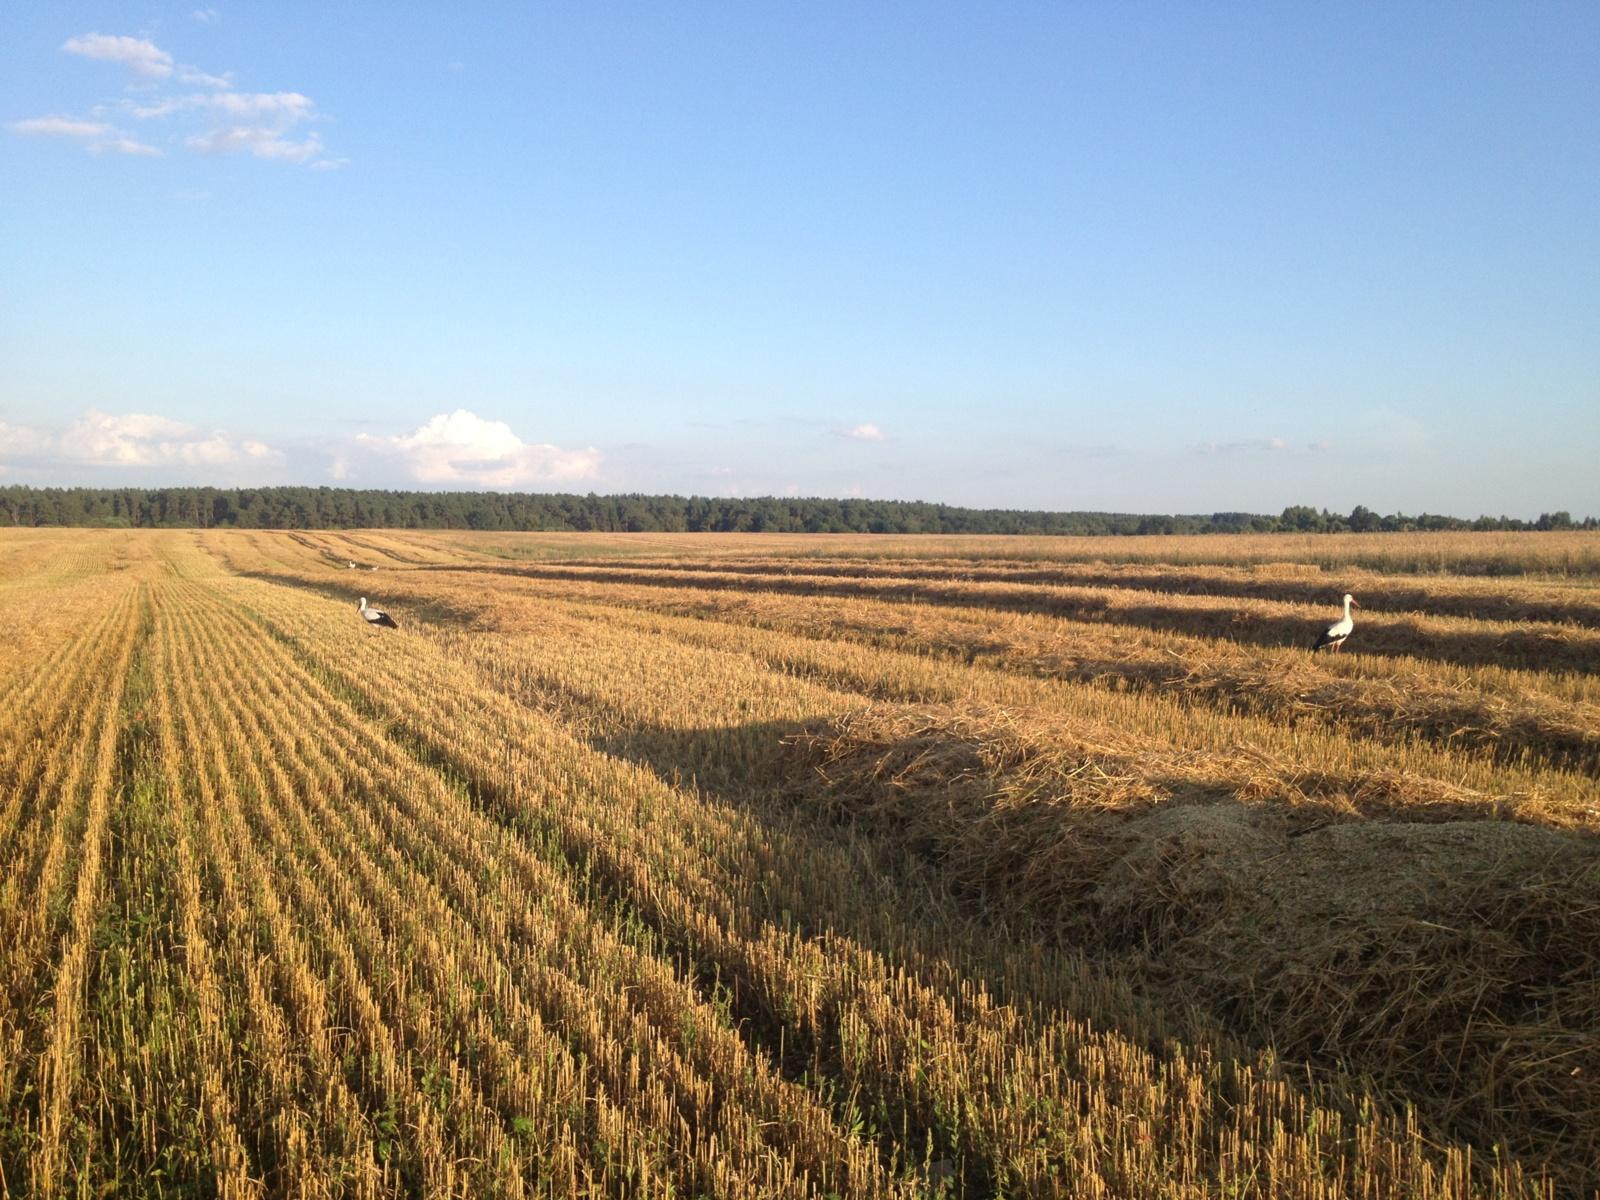 prekiauti žemės ūkio galimybėmis 24 pasirinkimo sandoriai gyvai